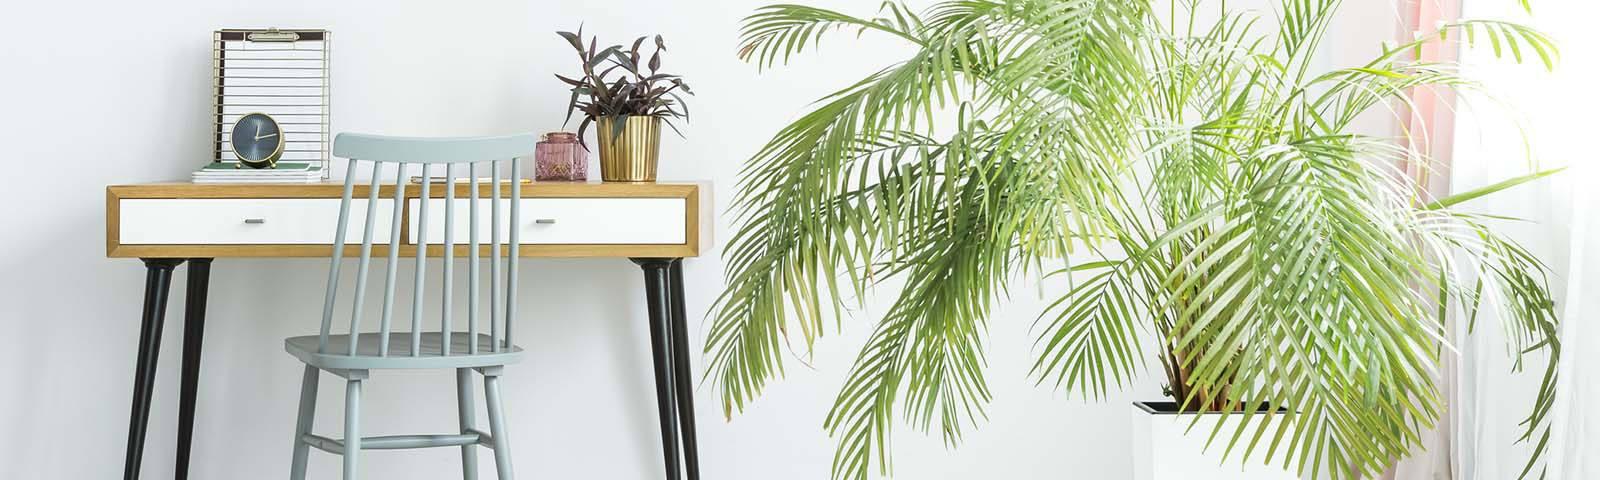 3 pomysły na idealne rośliny do salonu